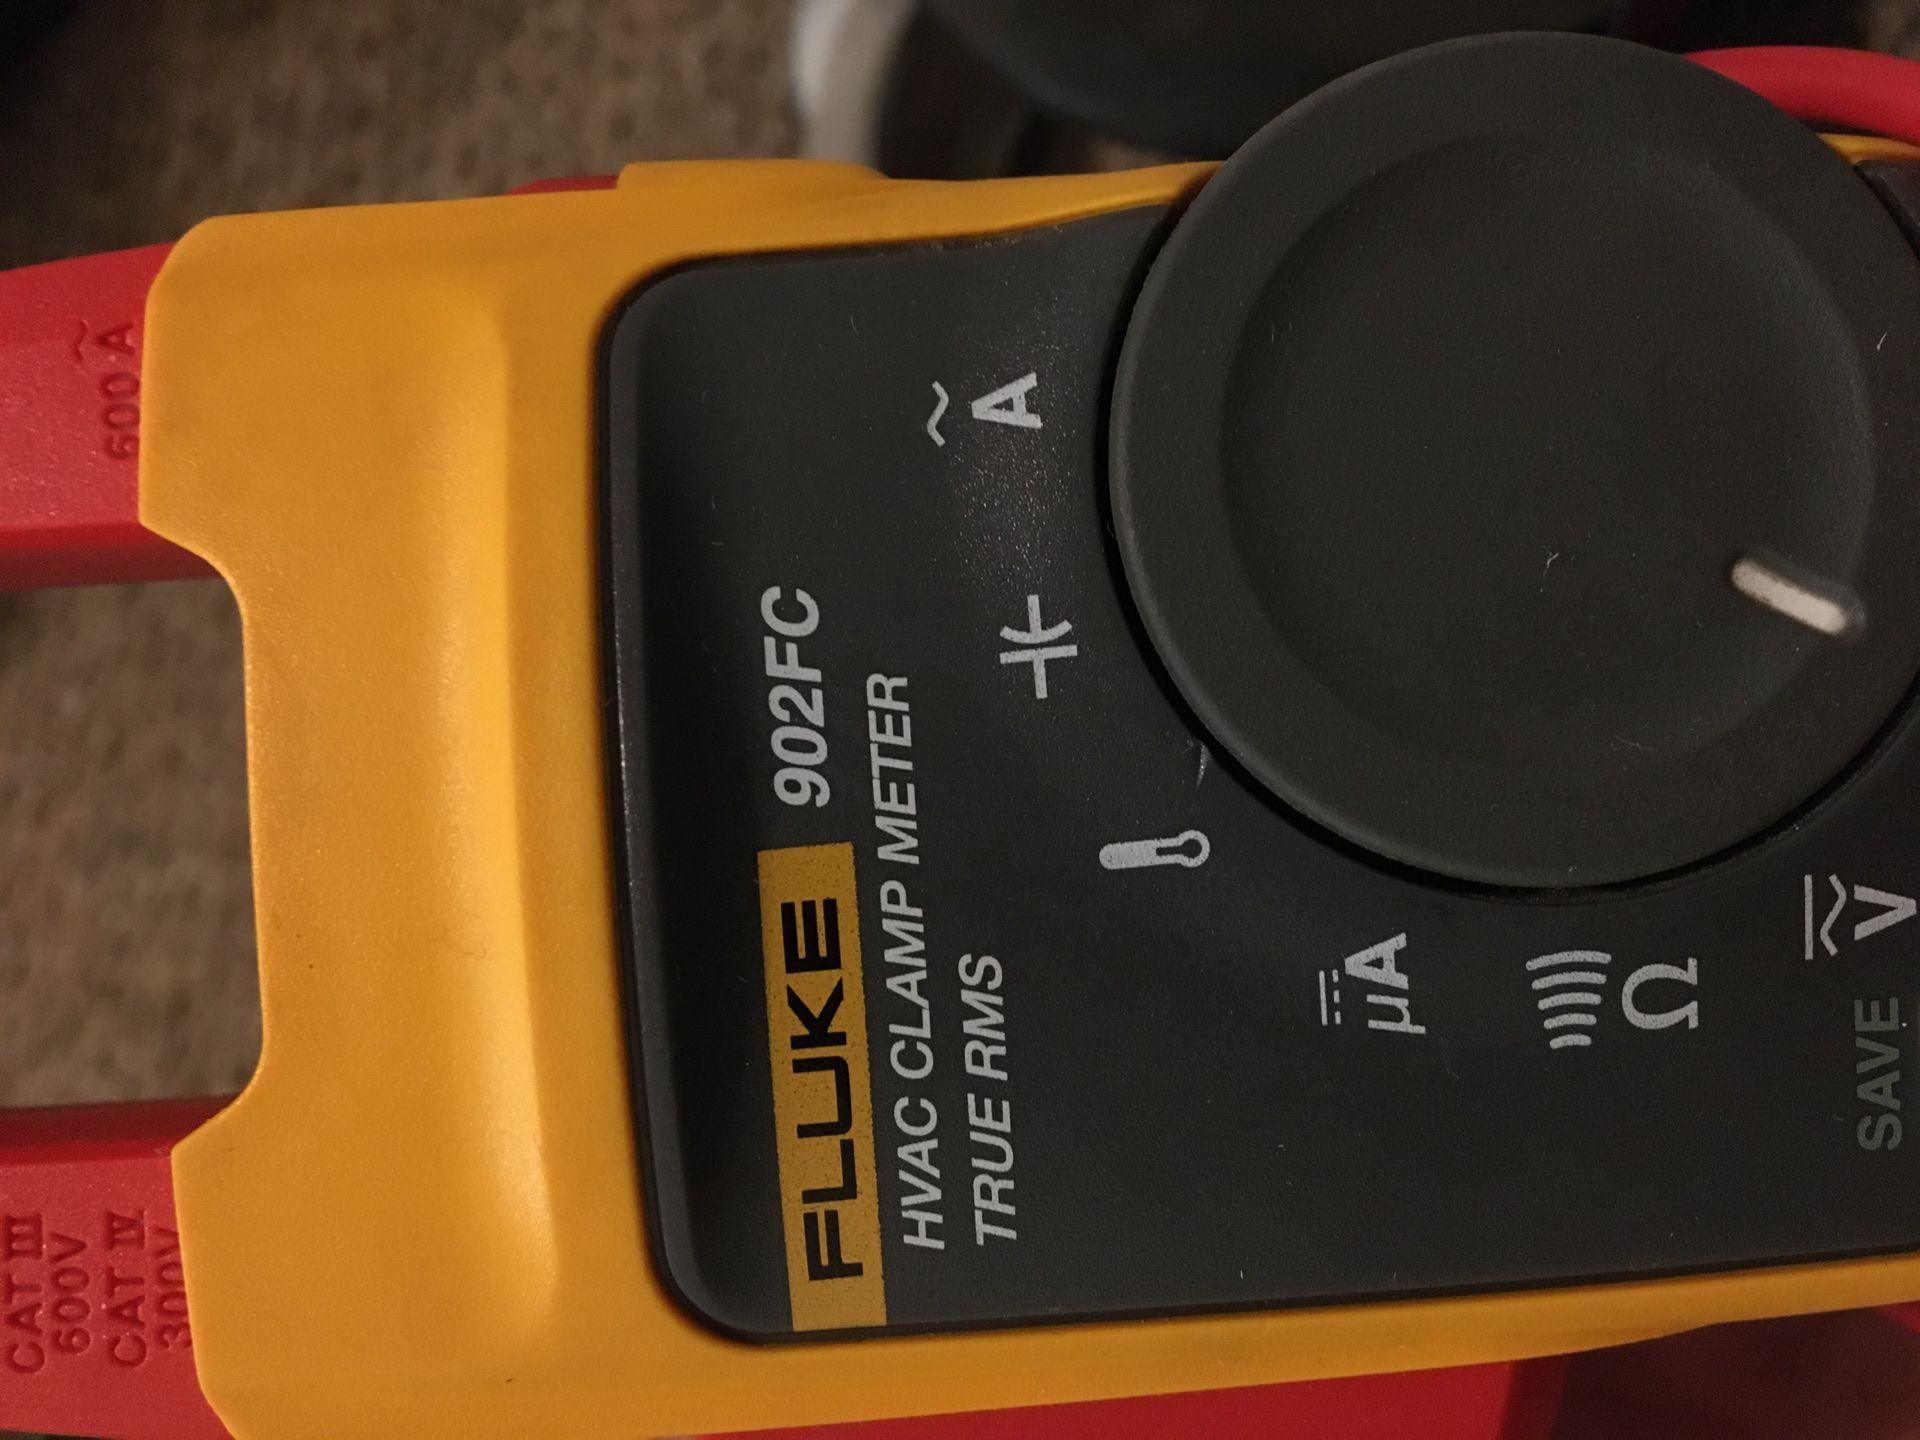 Fluke HVAC clamp meter